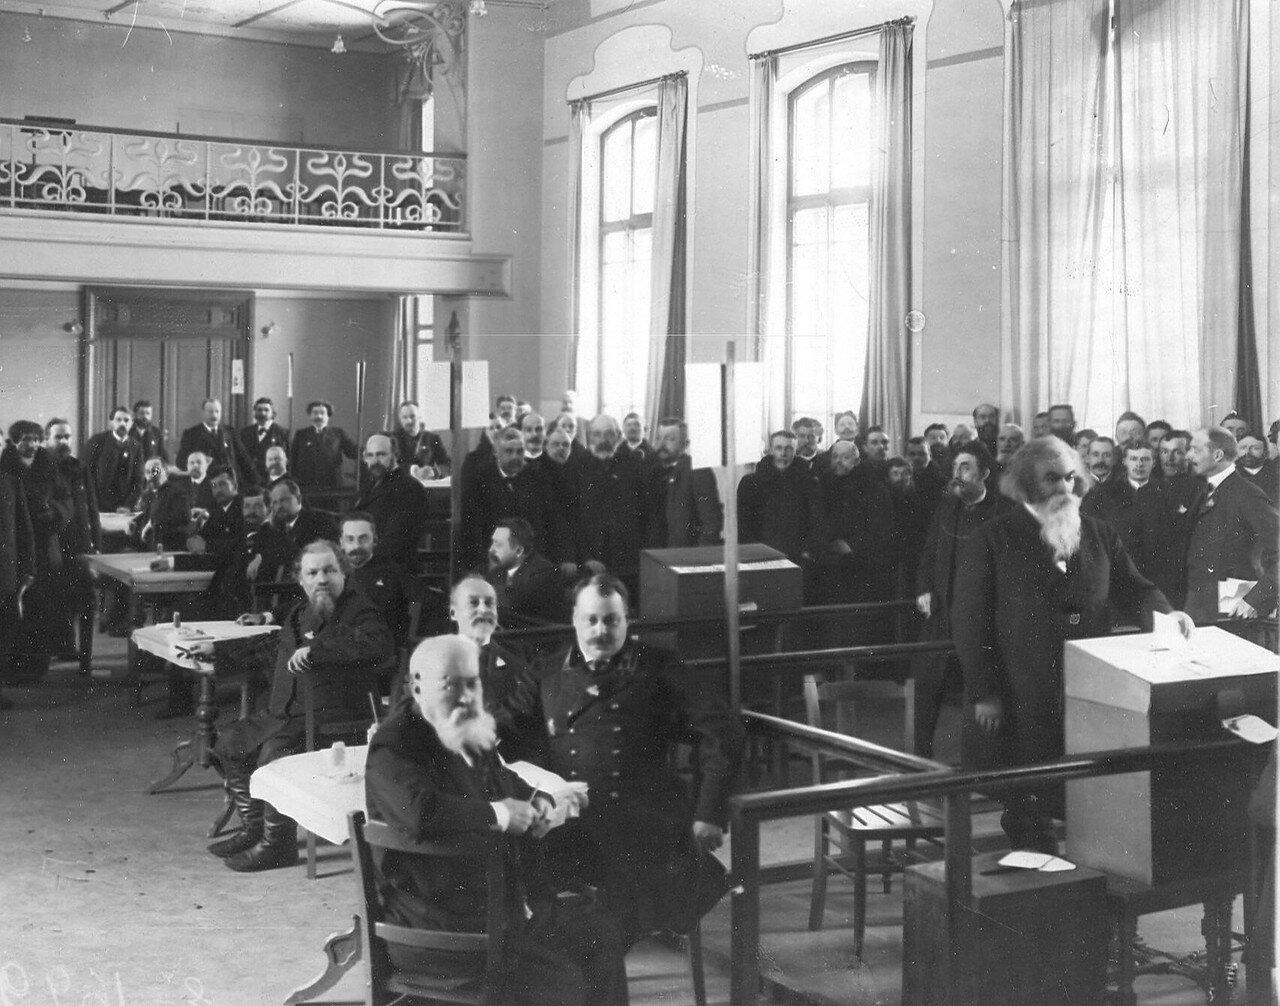 20 марта 1906. Выборы выборщиков в Первую Государственную думу в Народном доме Л.Н.Нобеля